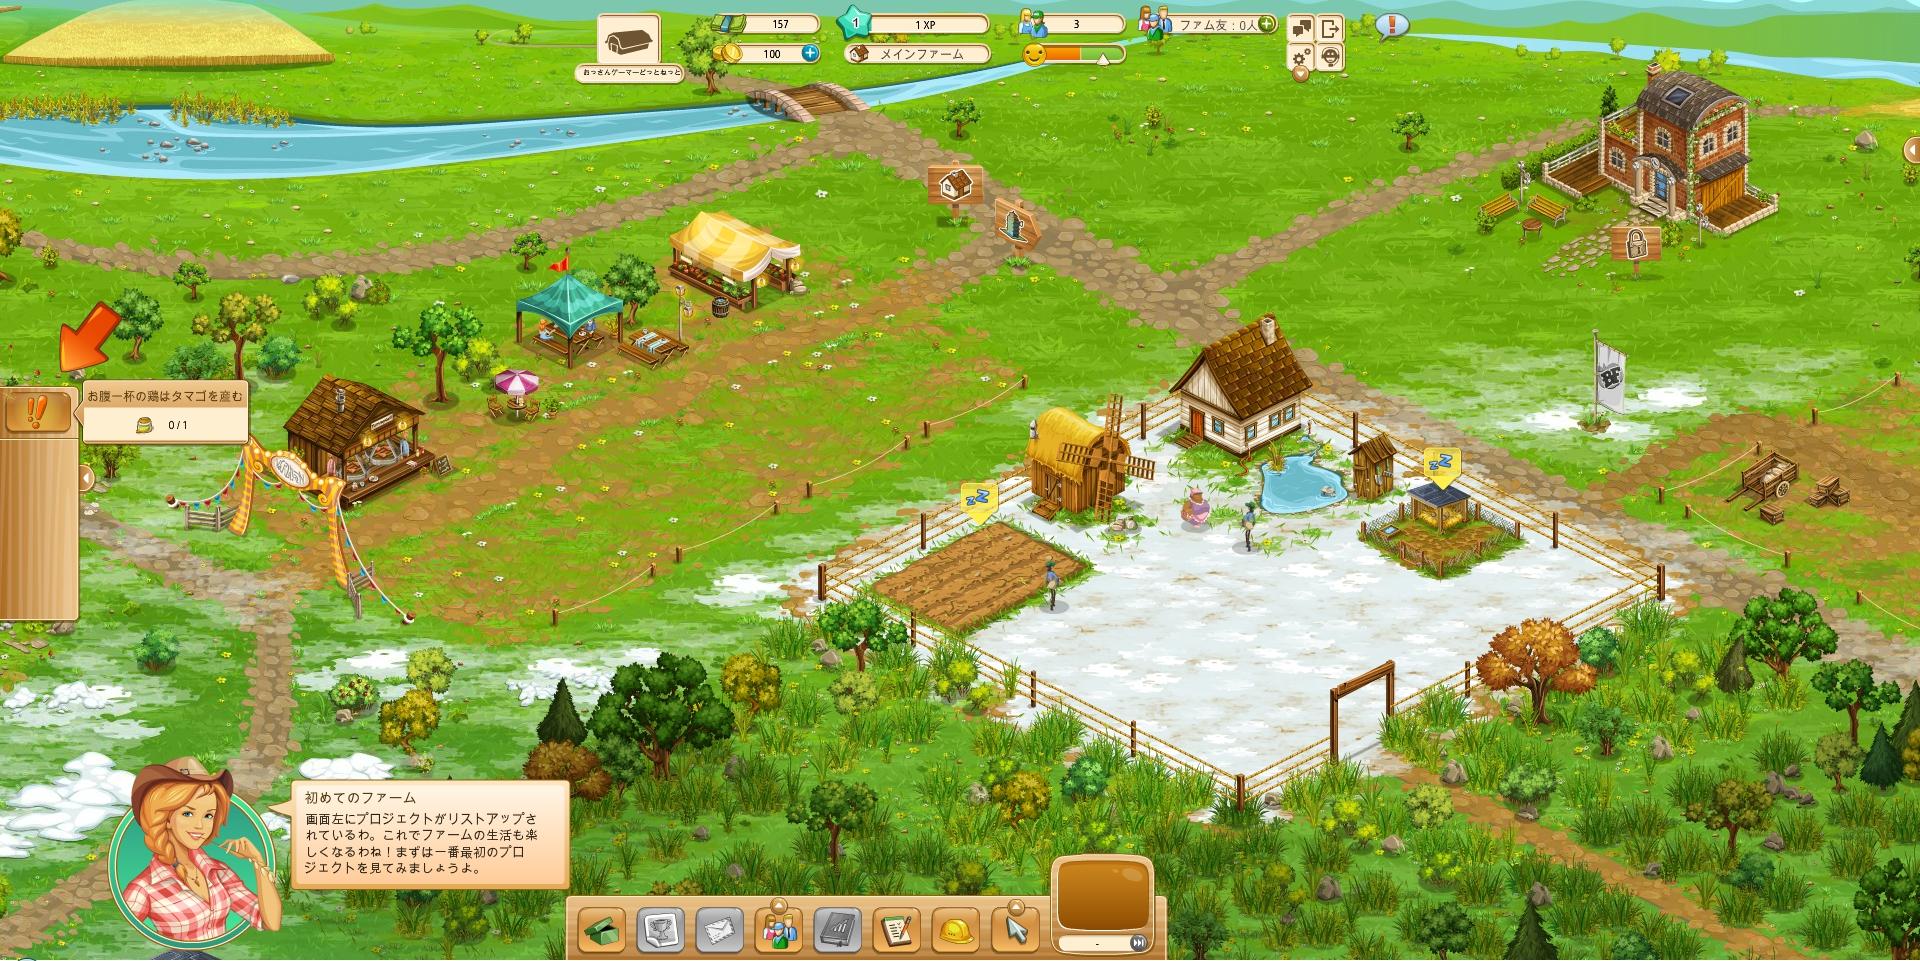 Big Farmのメイン画面。よくあるやつだ